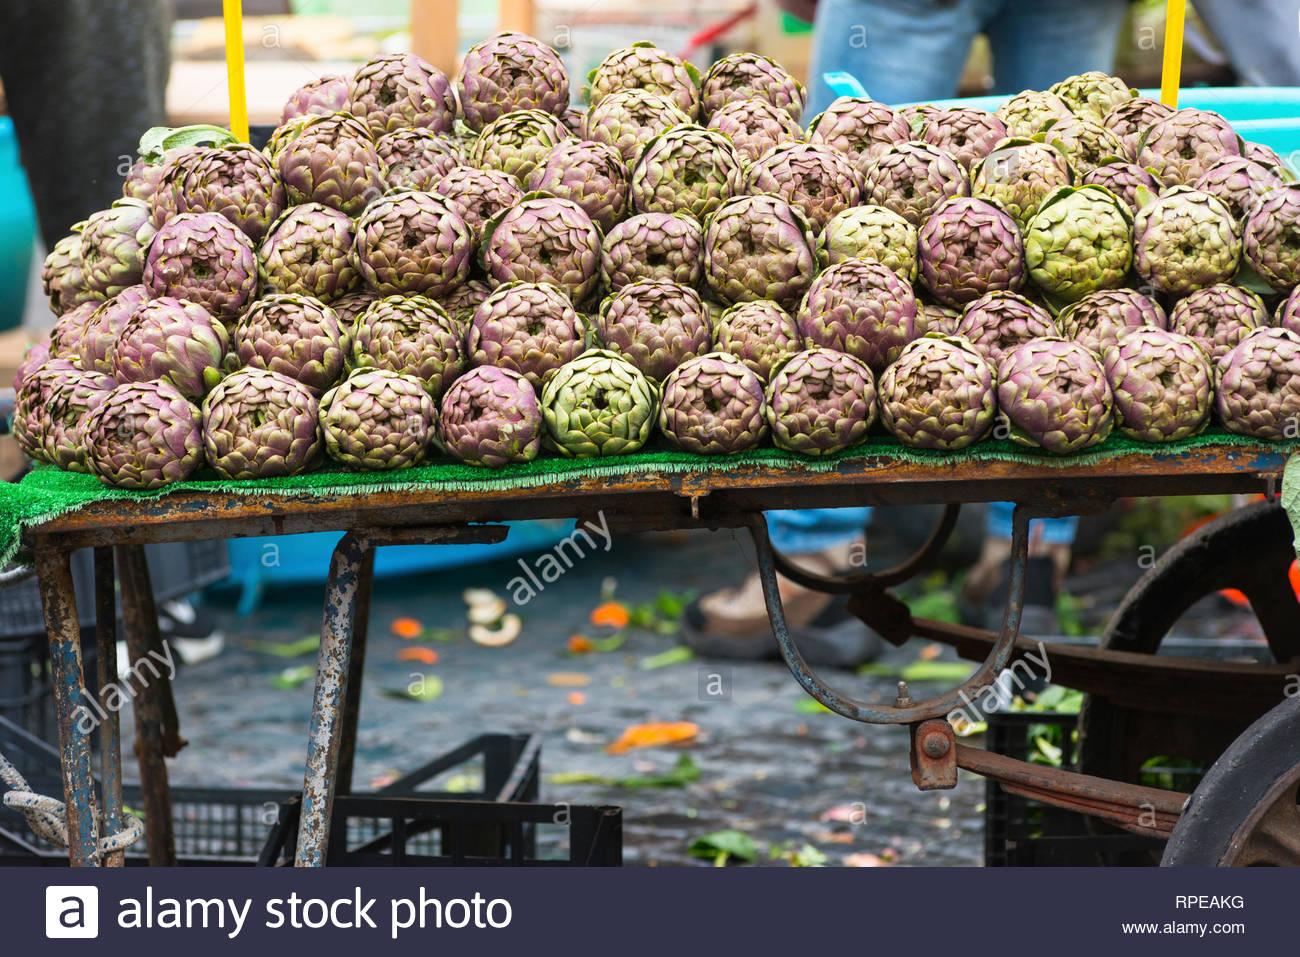 9b75b5c18283a Campo De Fiori Market Stock Photos   Campo De Fiori Market Stock ...